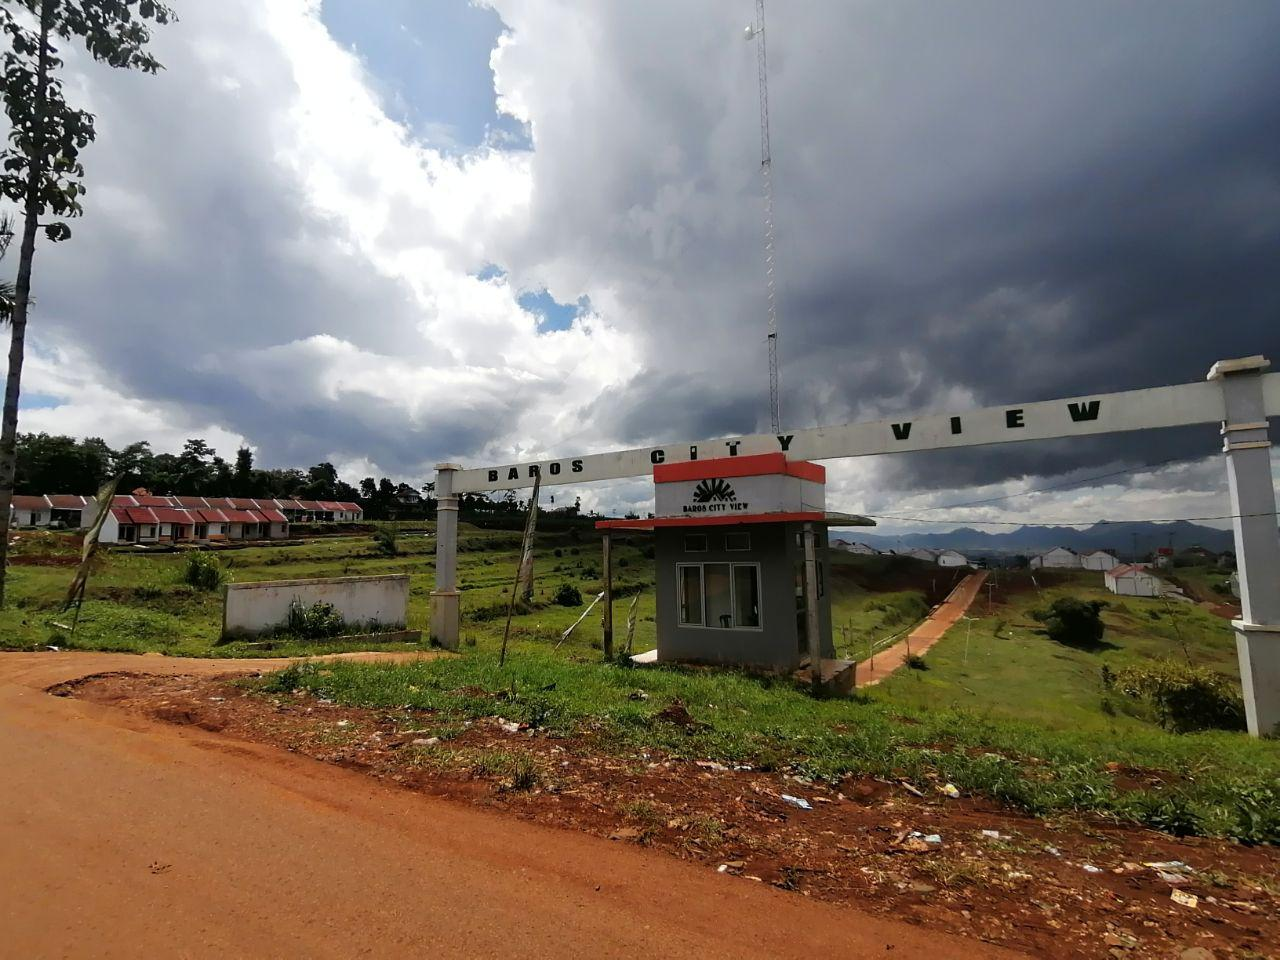 view perumahan baros city view bandung